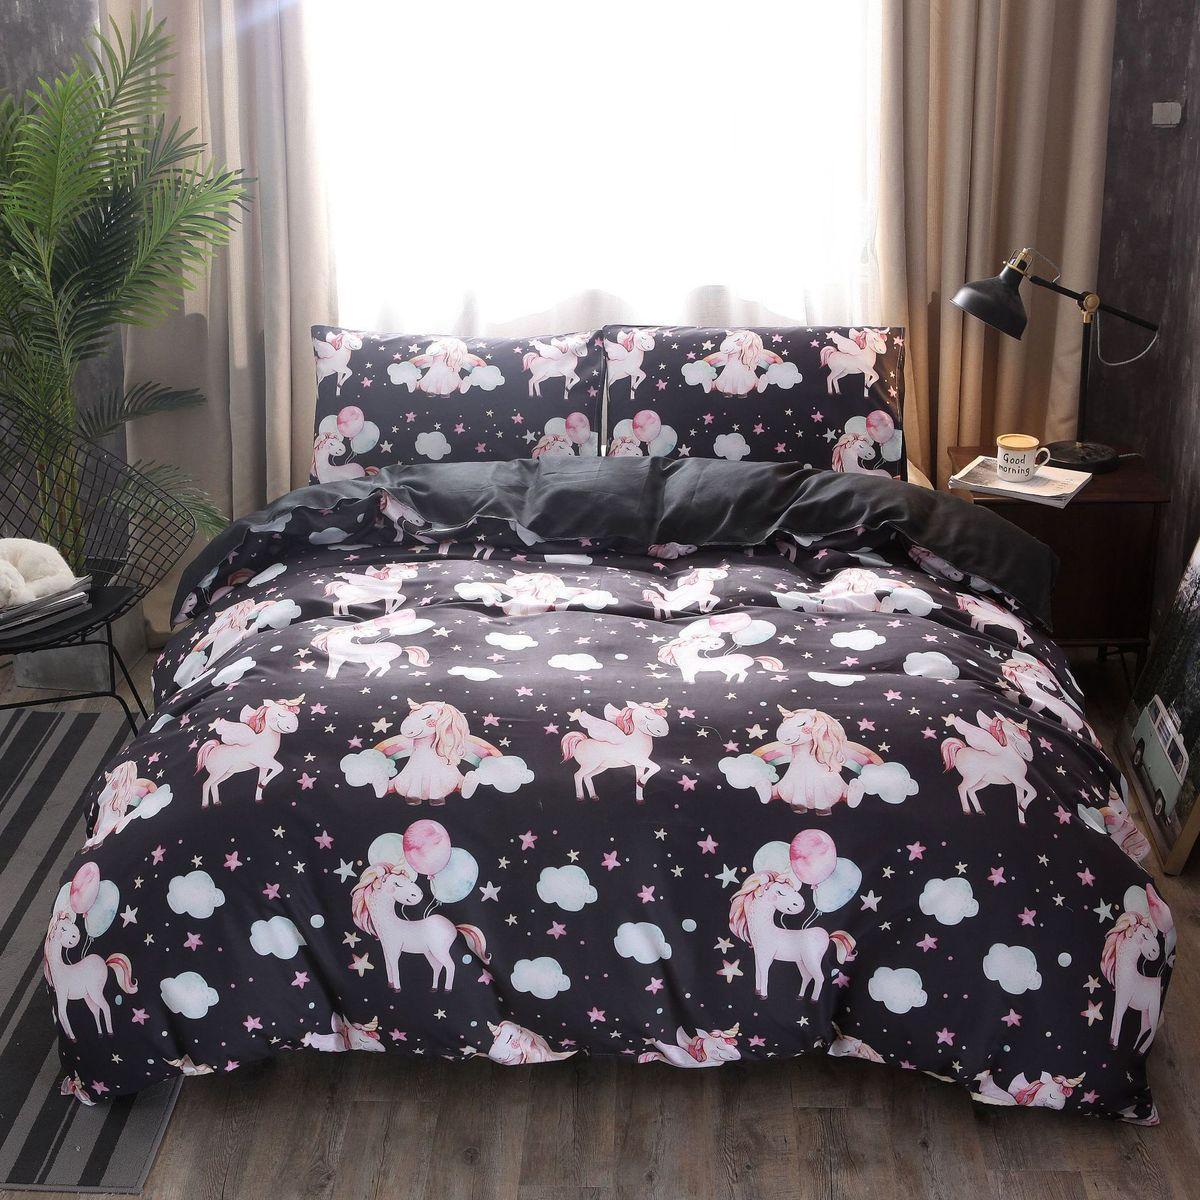 Licorne cheval imprimé noir blanc couleurs housse de couette + taies d'oreiller princesse tapis ensemble de literie roi reine Twin cadeau de noël